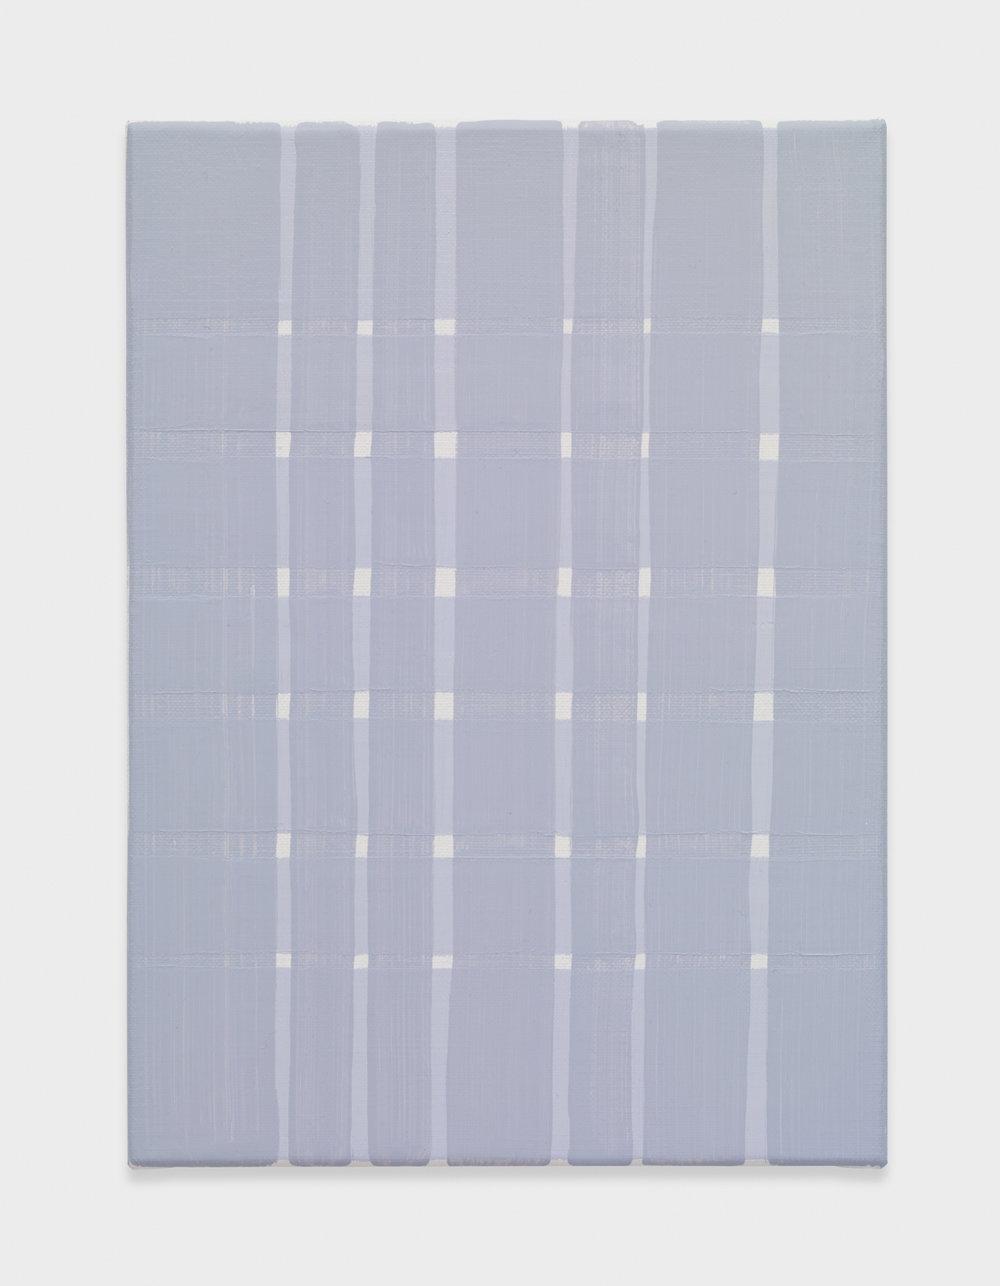 Yui Yaegashi Violet No. 2 2017 Oil on canvas 8 3/4 x 6 1/4 x 3/4 in 22.23h x 15.88w cm YY091